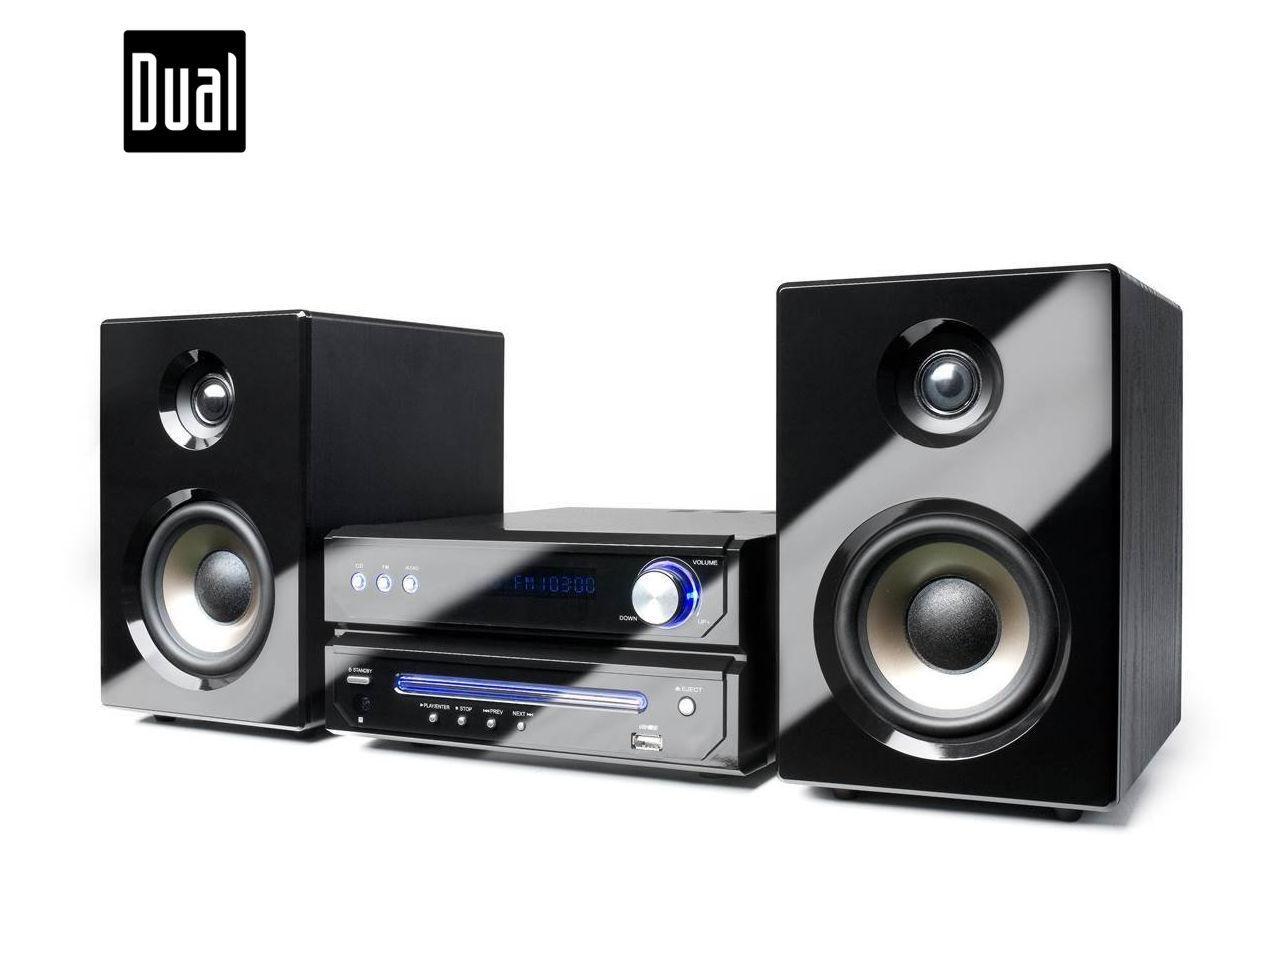 DUAL MS 110 CD